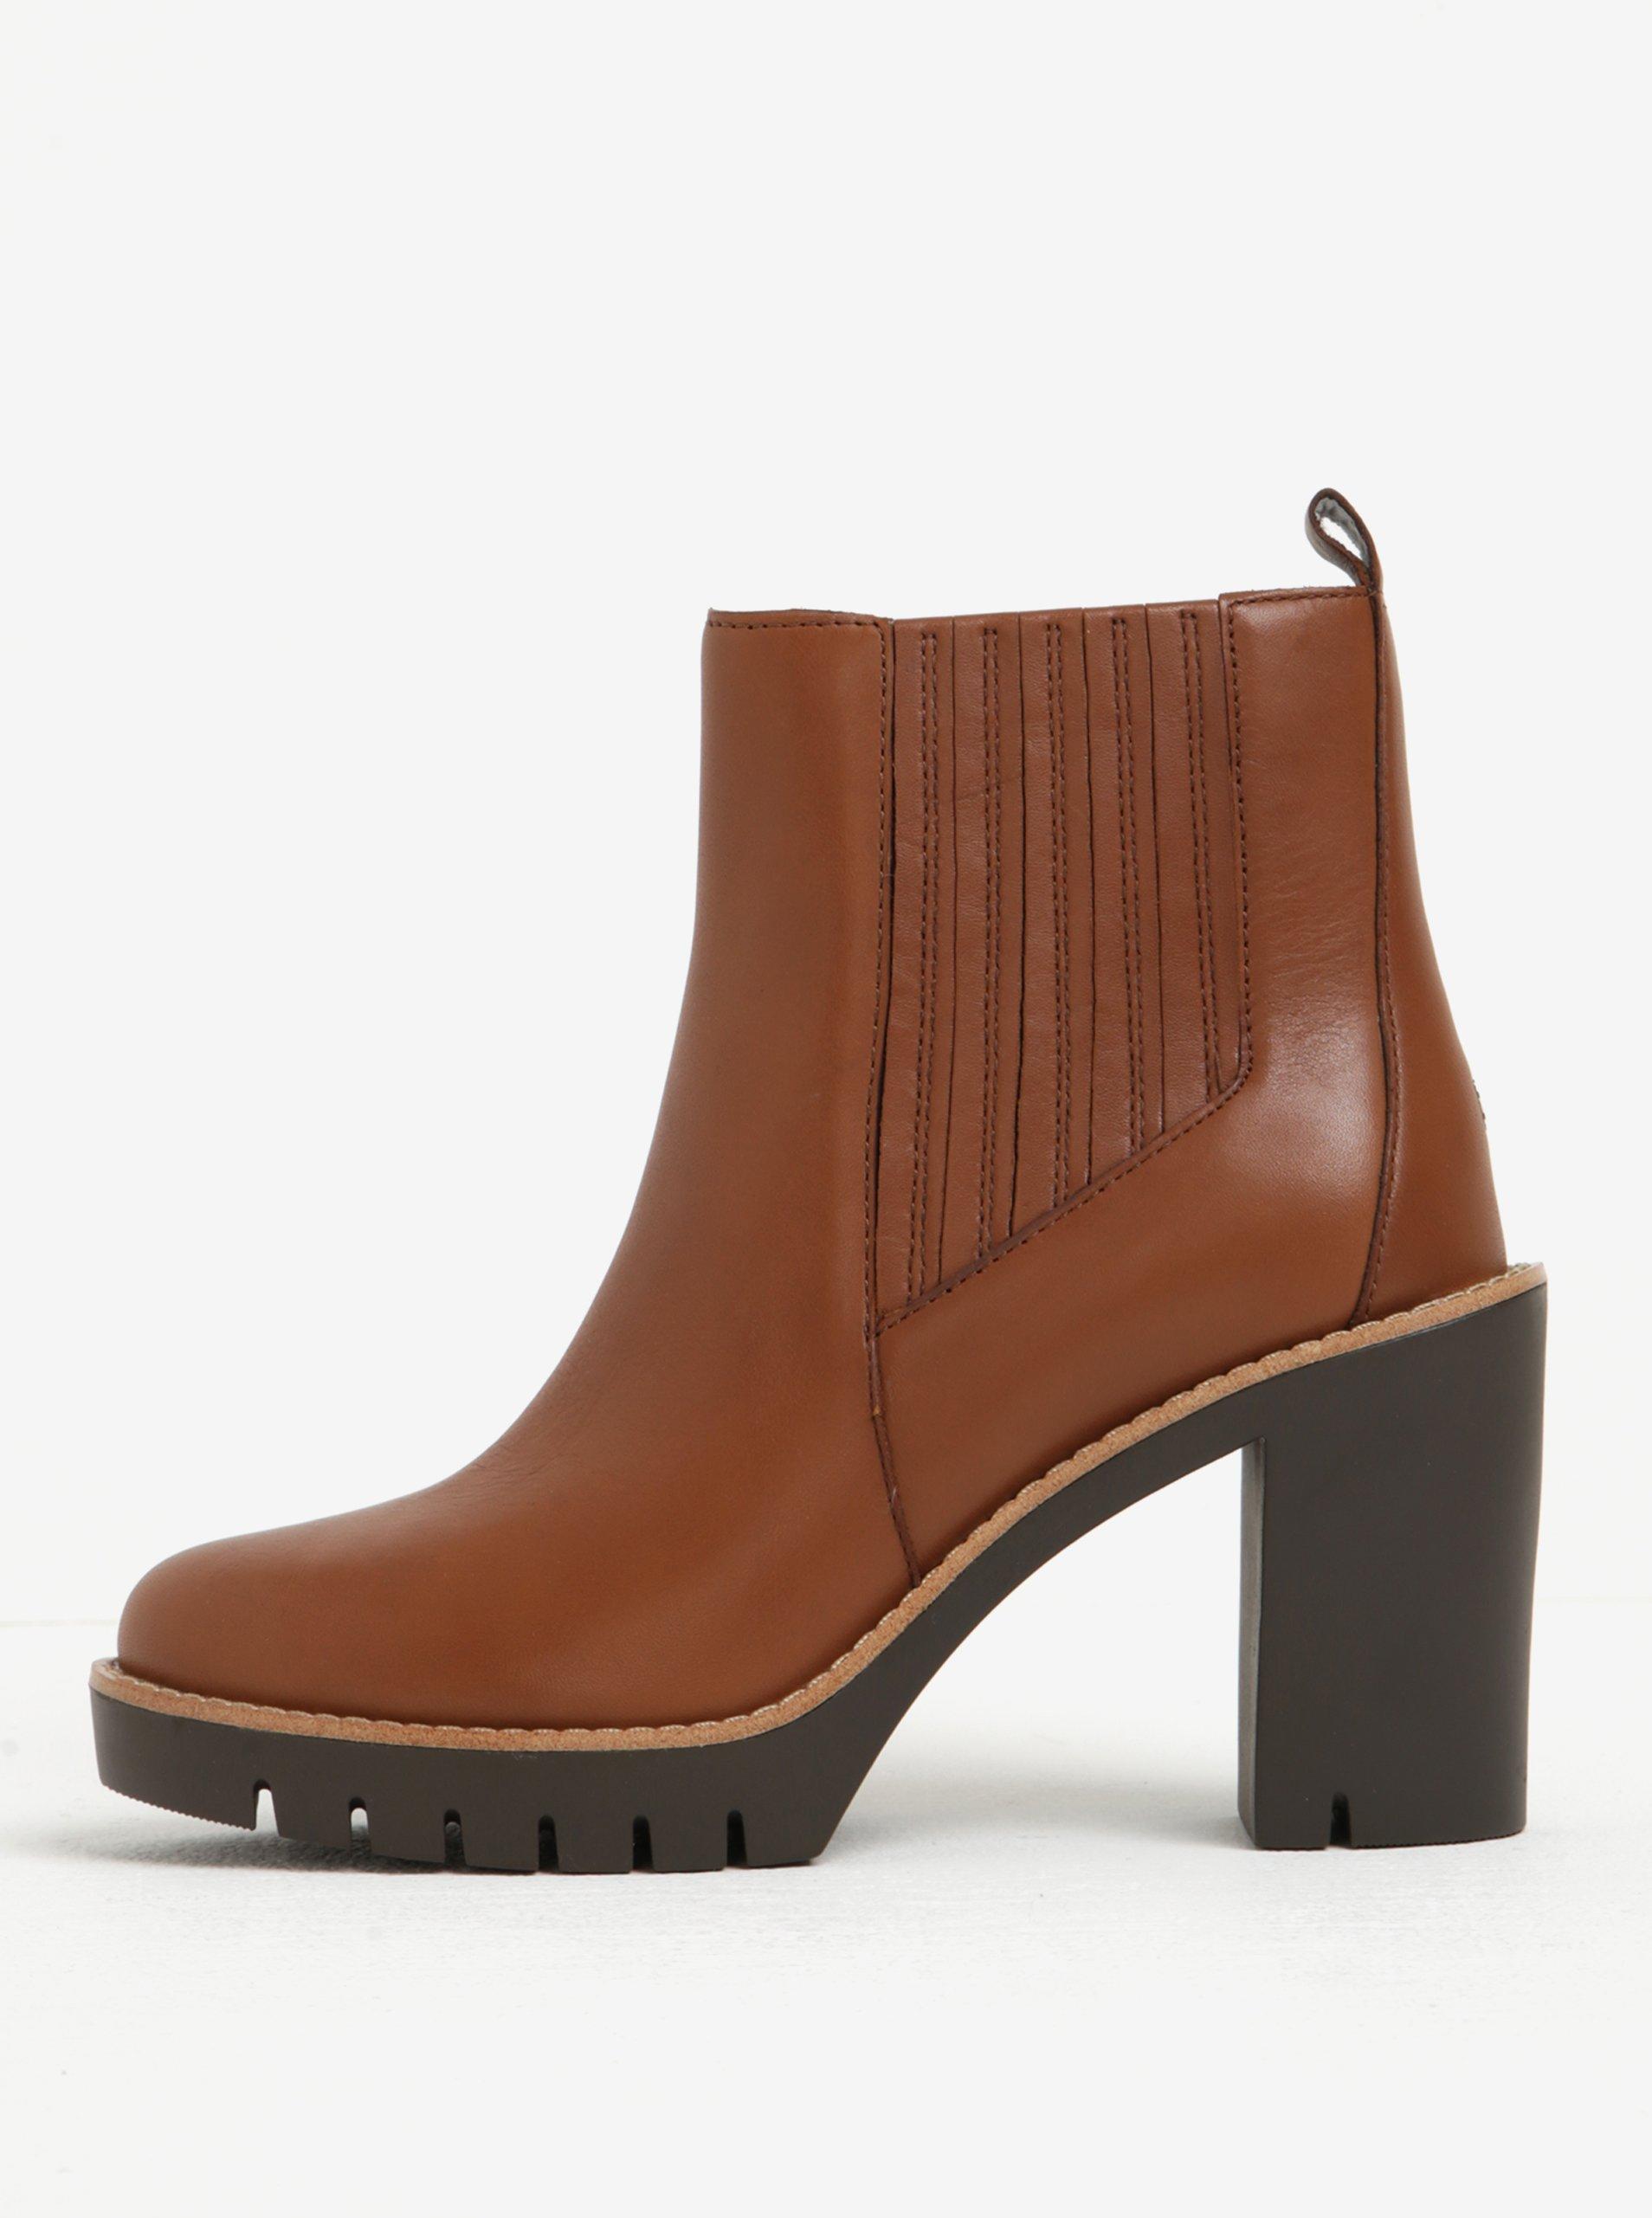 Hnědé dámské kožené chelsea boty na vysokém podpatku Tommy Hilfiger Paola